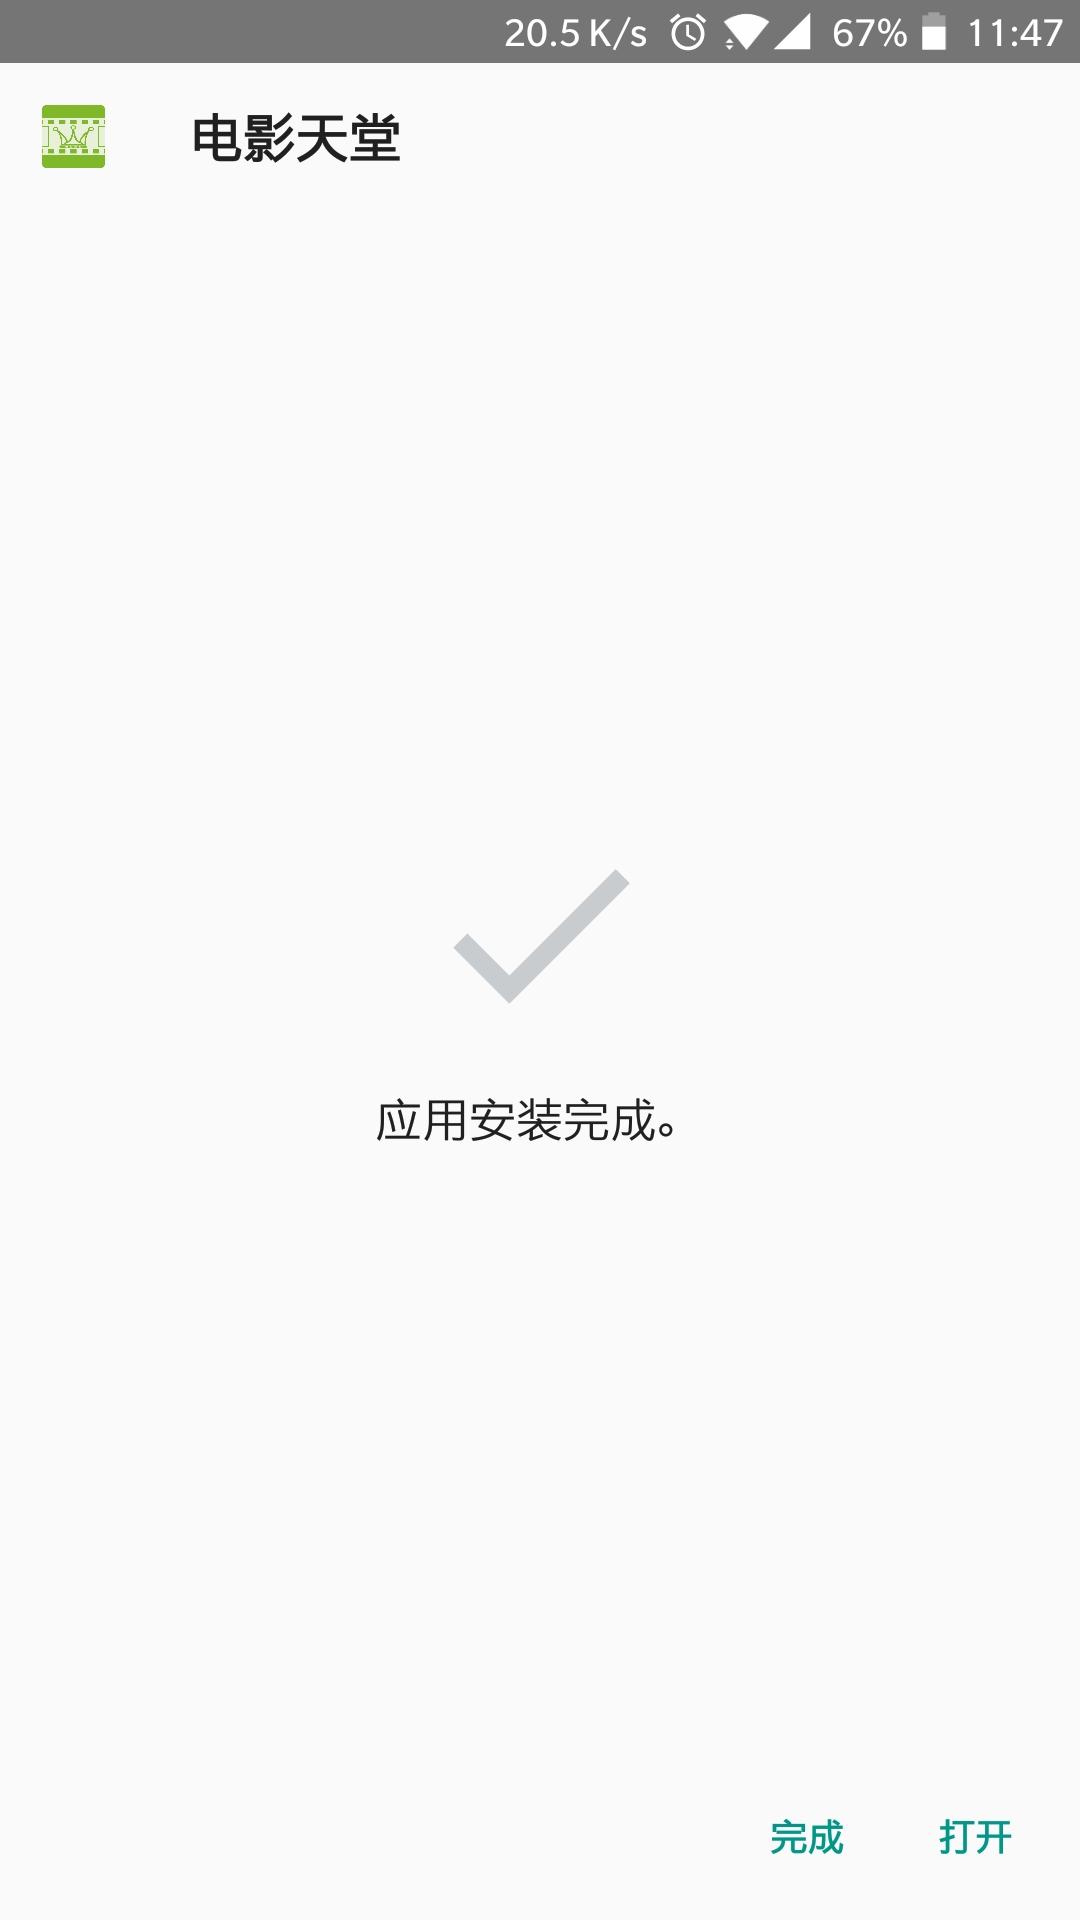 Screenshot_20170720-114728.jpg